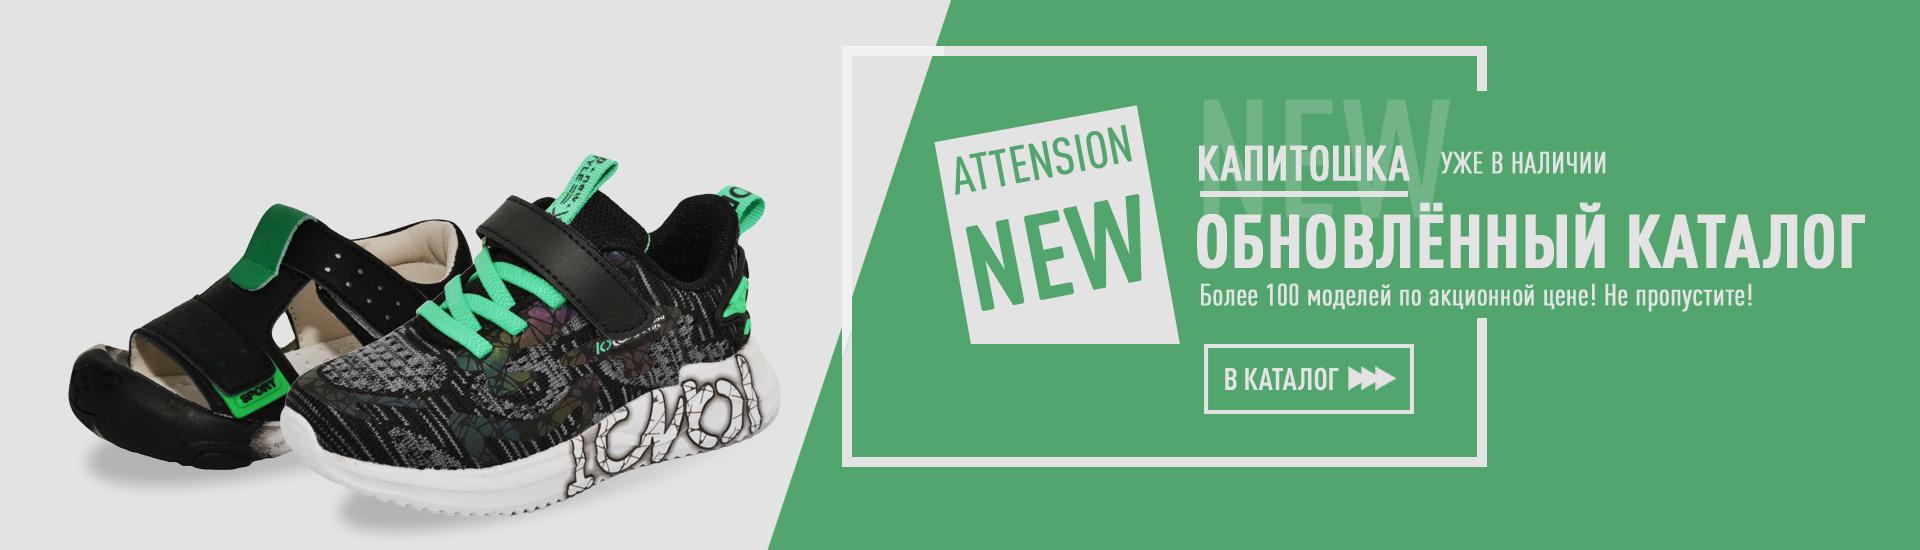 Новые модели оптовой обуви от ТМ Капитошка